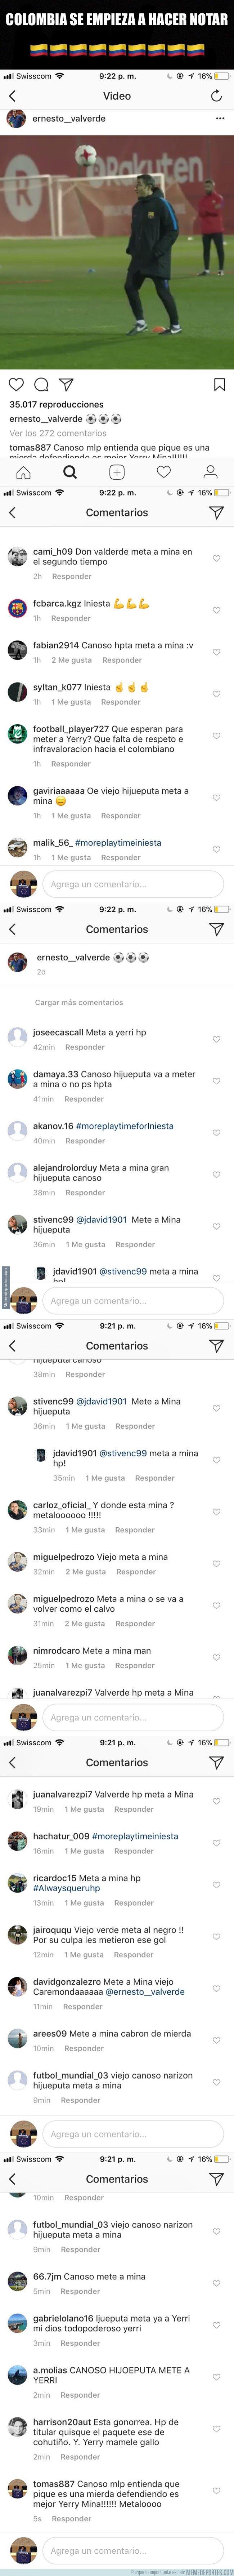 1018841 - Los trolls han invadido el instagram de Valverde, y le dicen todo esto, menos guapo